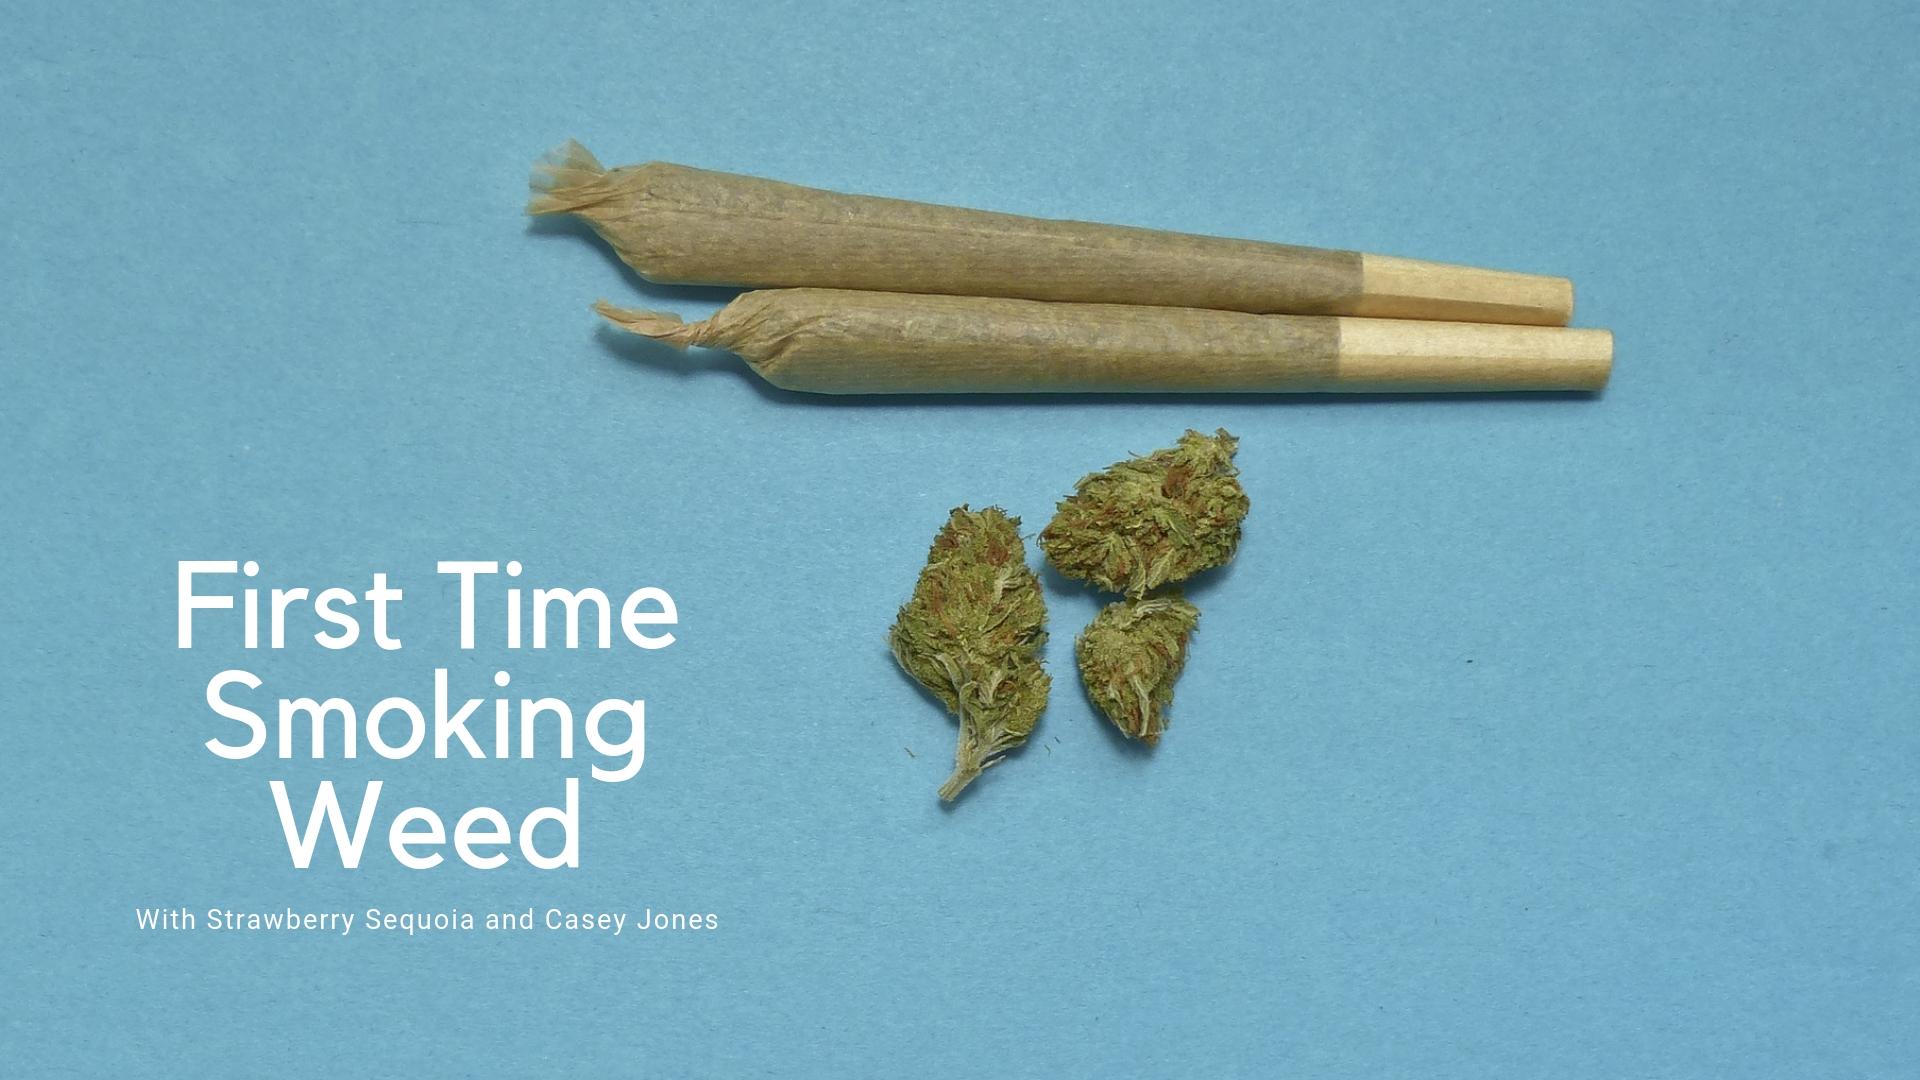 First Time Smoking Weed